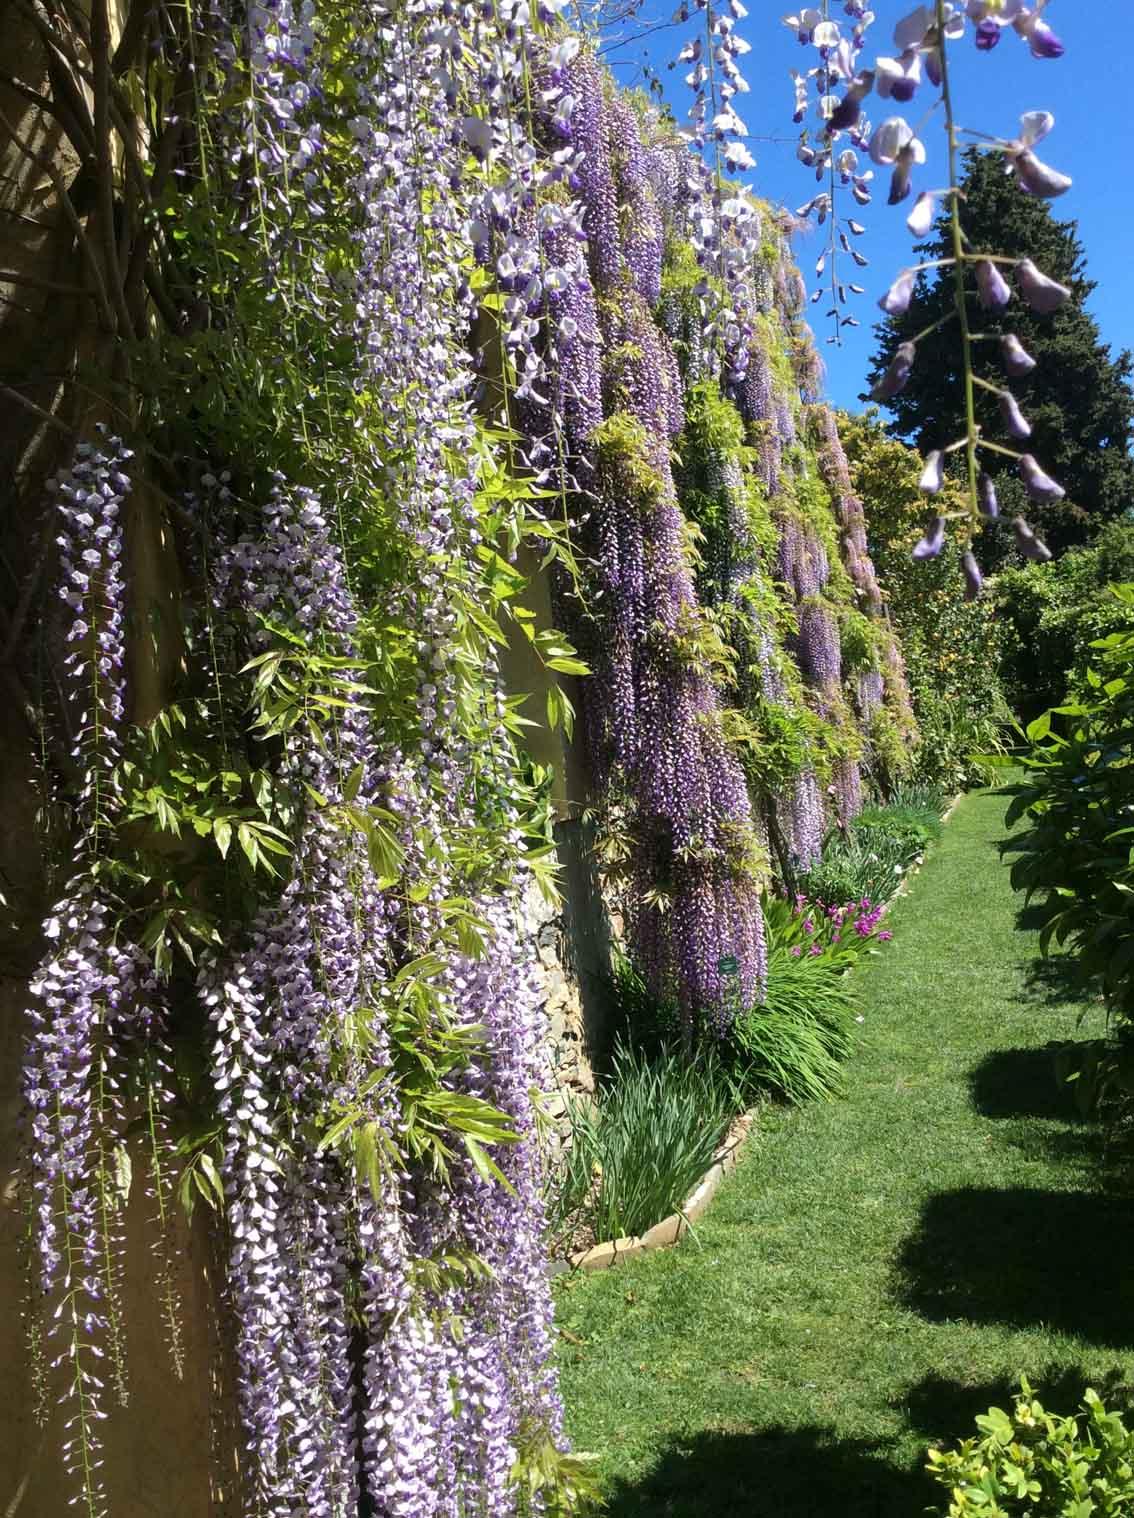 VILLA DELLA PERGOLA (Alassio, Savona) Italian garden